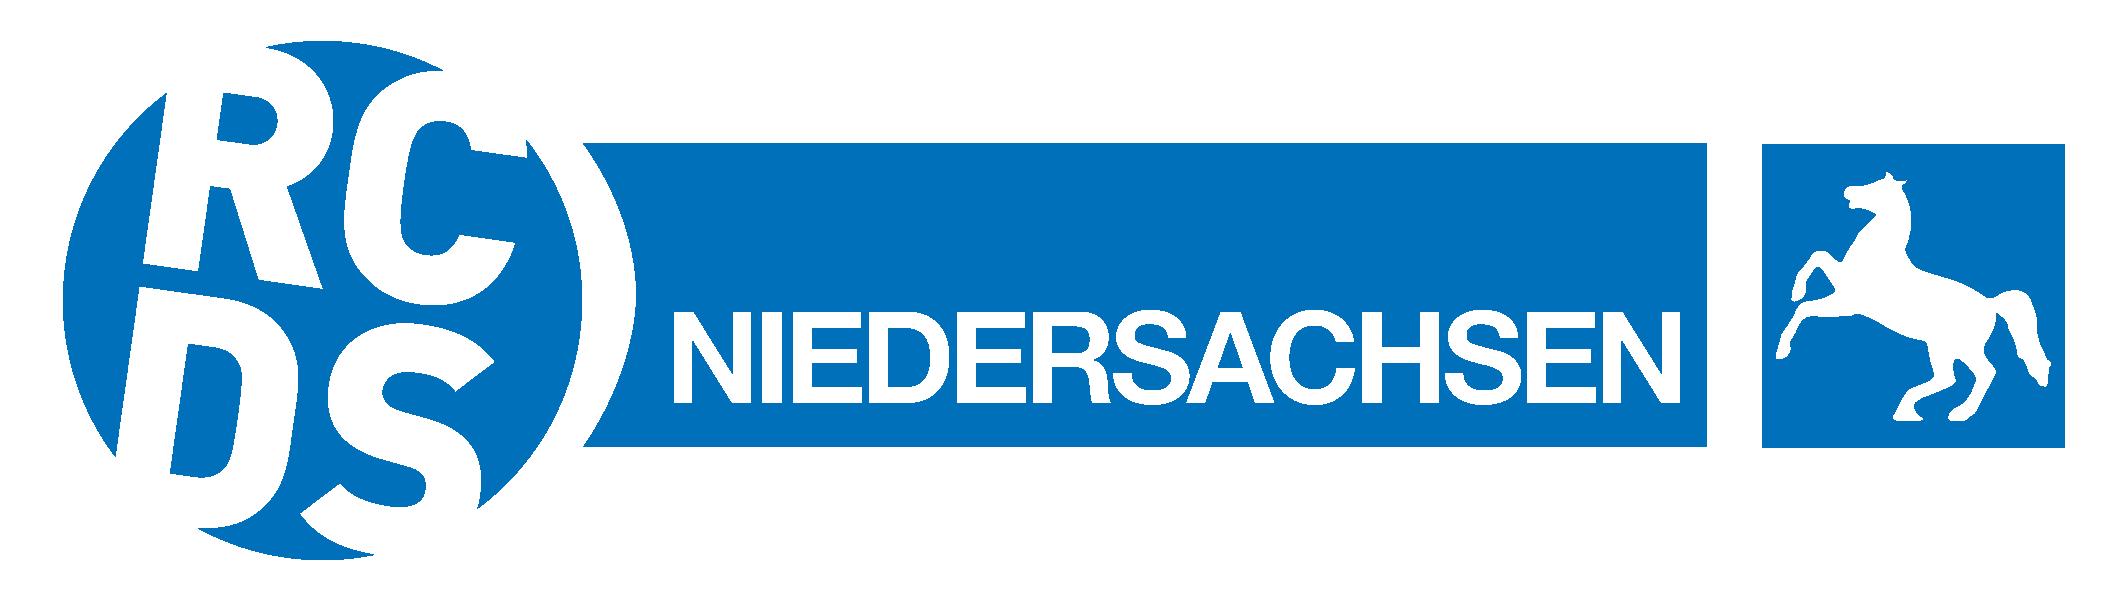 Logo von RCDS Niedersachsen